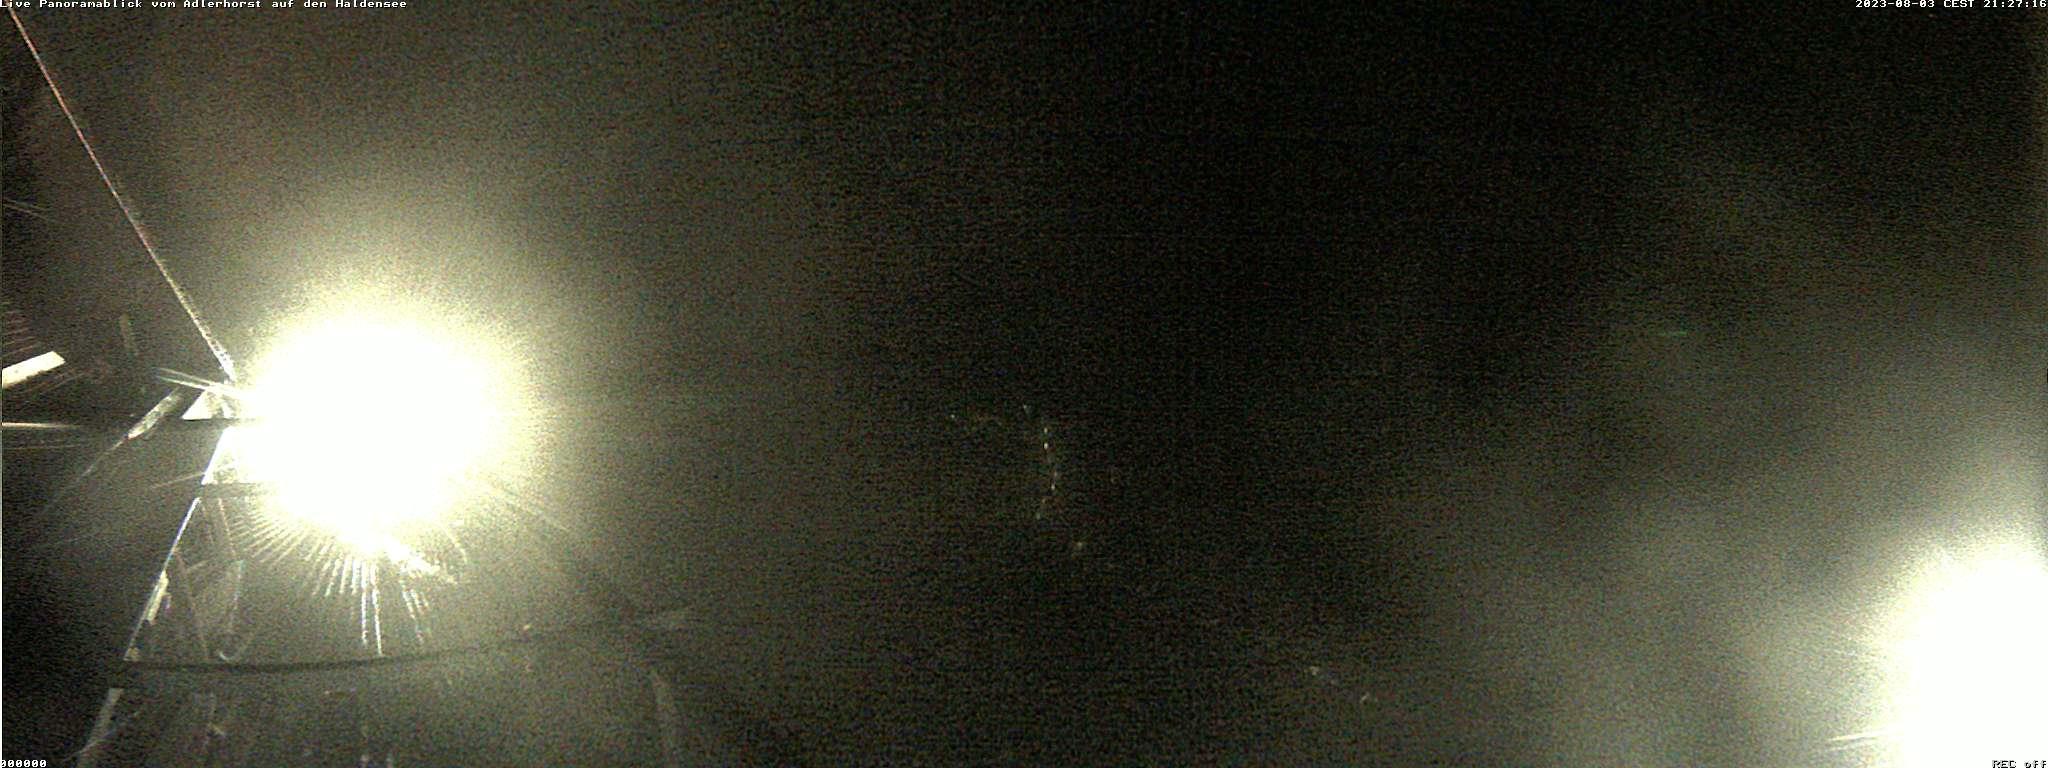 Berghütte Adlerhorst - Blick Richtung Süden auf den Haldensee, Haller und Nesselwängle und Krinnenspitze